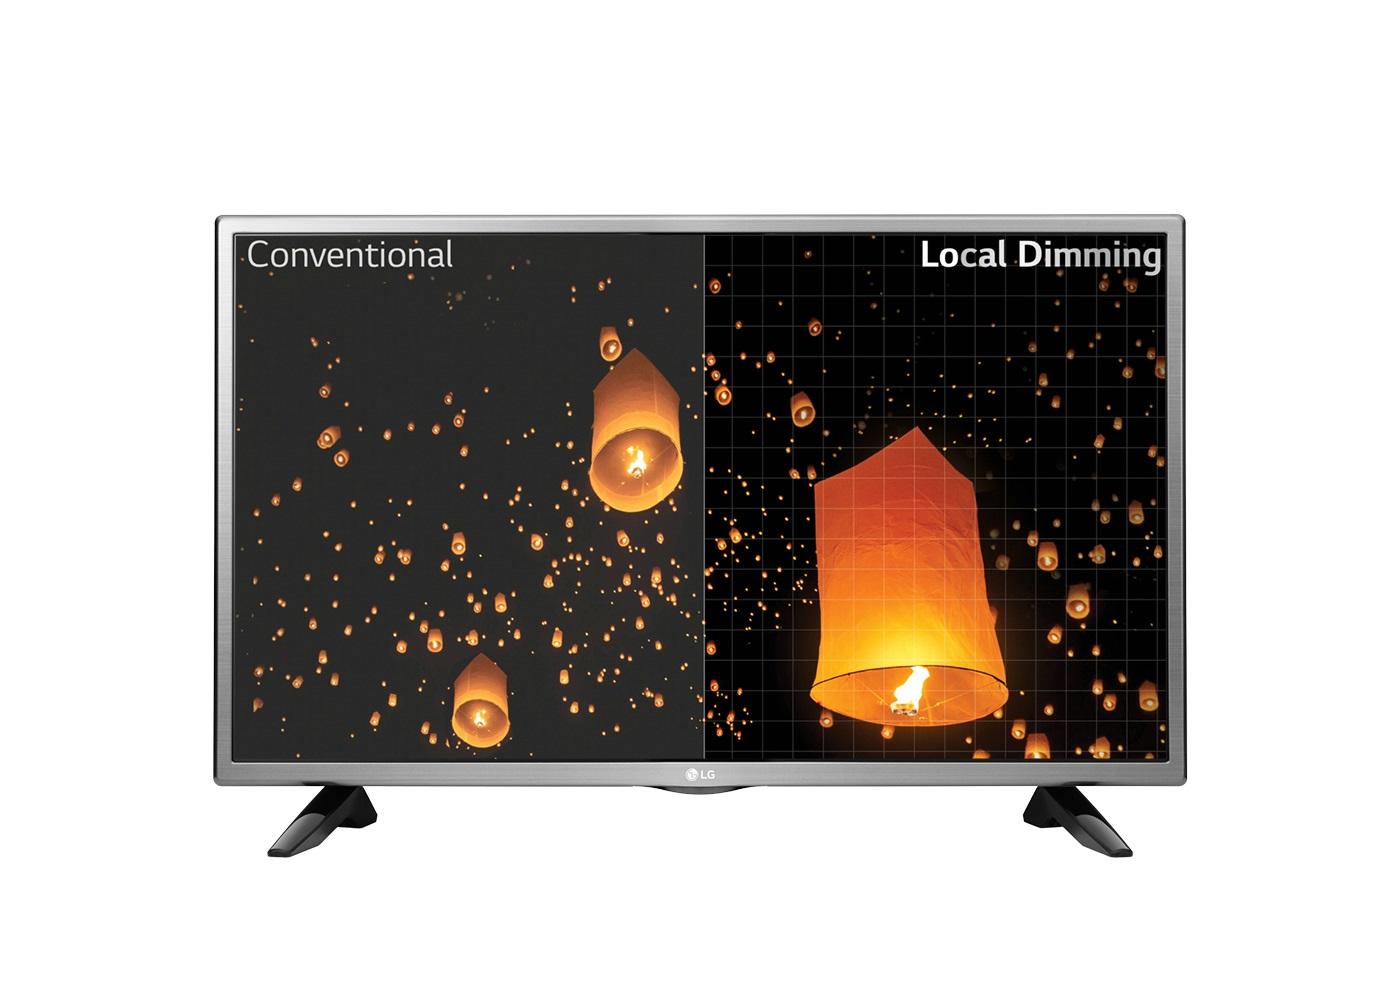 LG 32LH510B LED TV